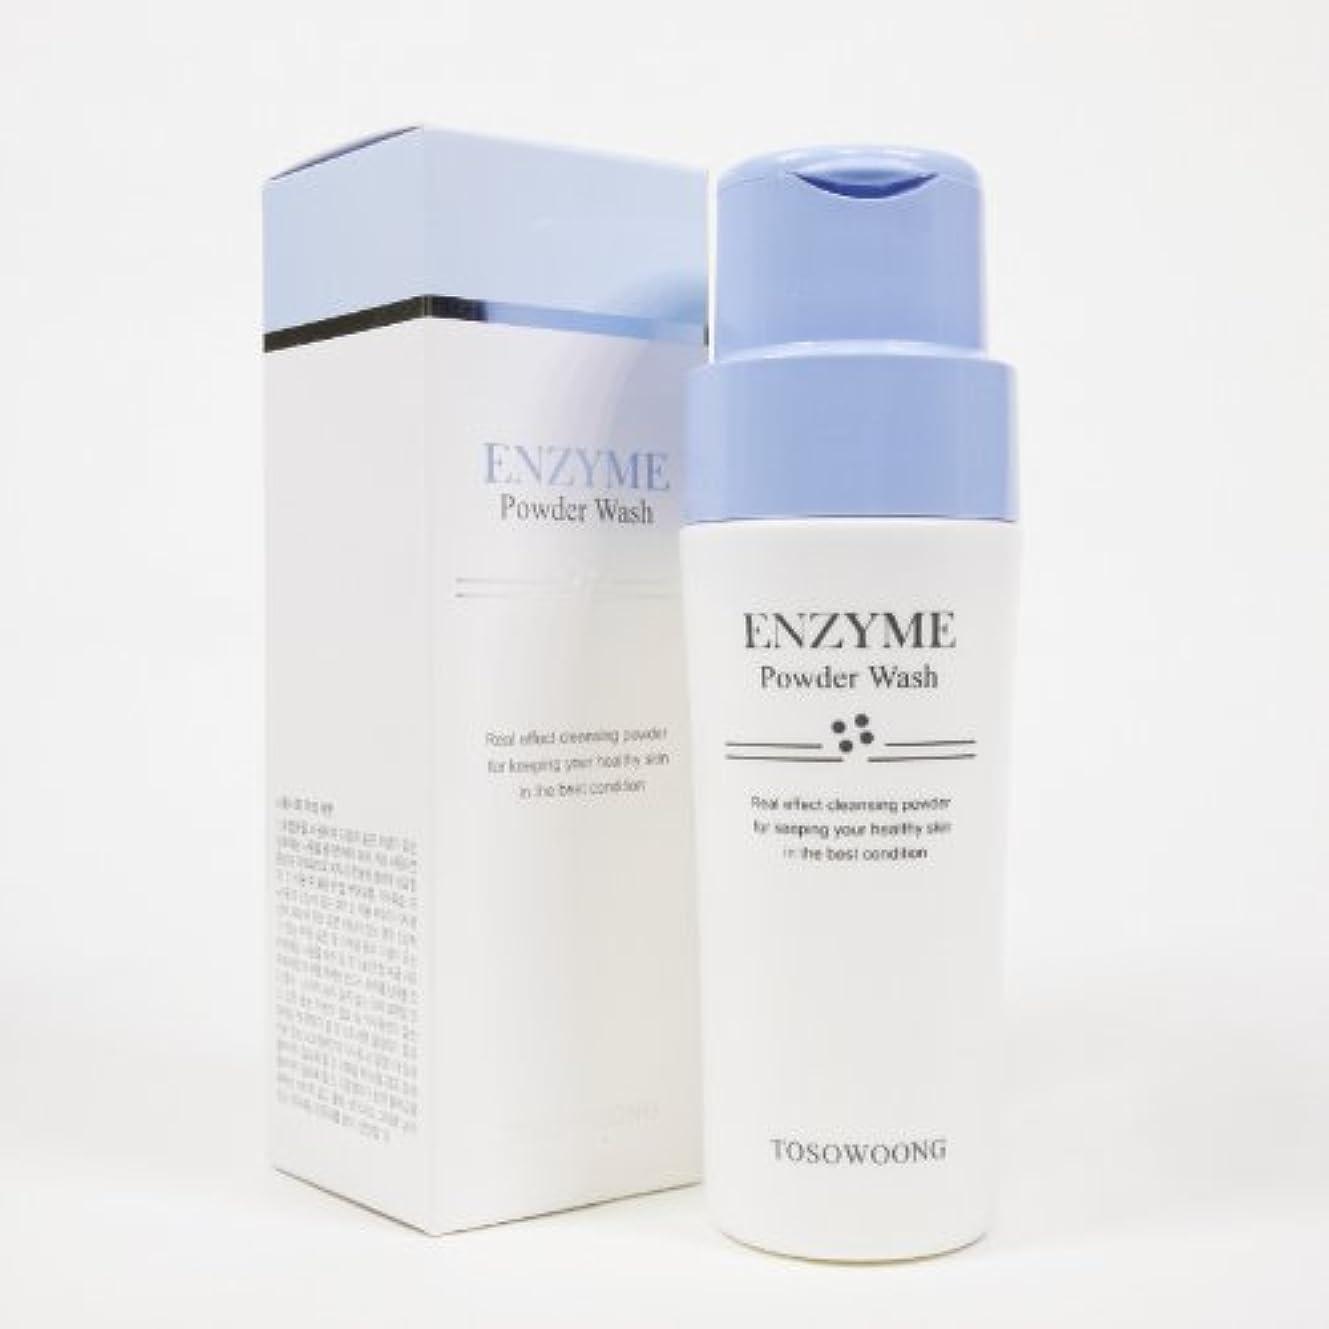 中級付属品物理的にTosowoong Enzyme Powder Wash 70g Pore Deep Cleansing Trouble Care [並行輸入品]